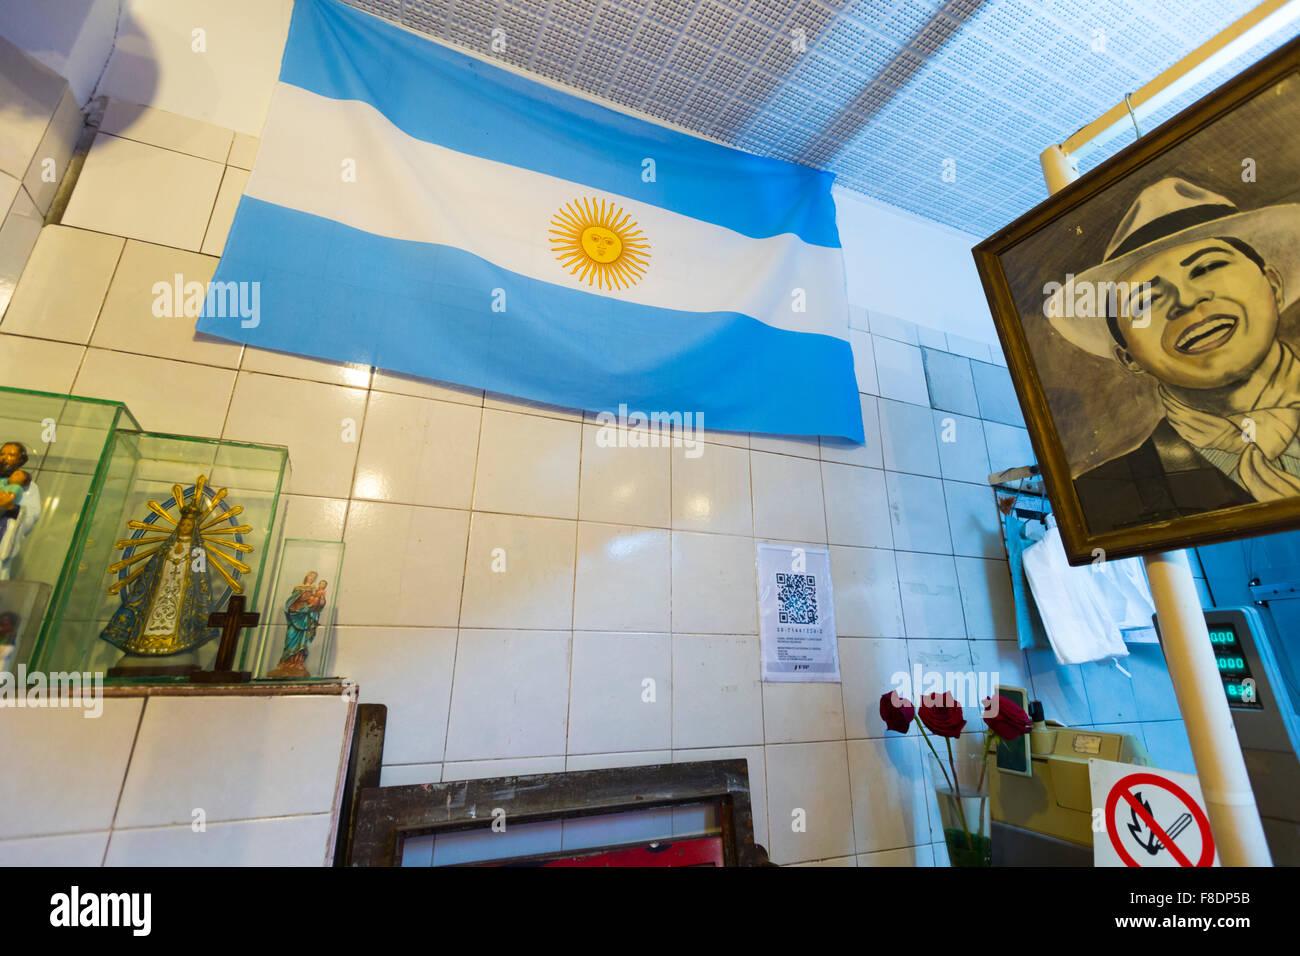 Metzgerei in Buenos Aires mit einem Bild des Tango-Sänger Carlos Gardel Stockbild